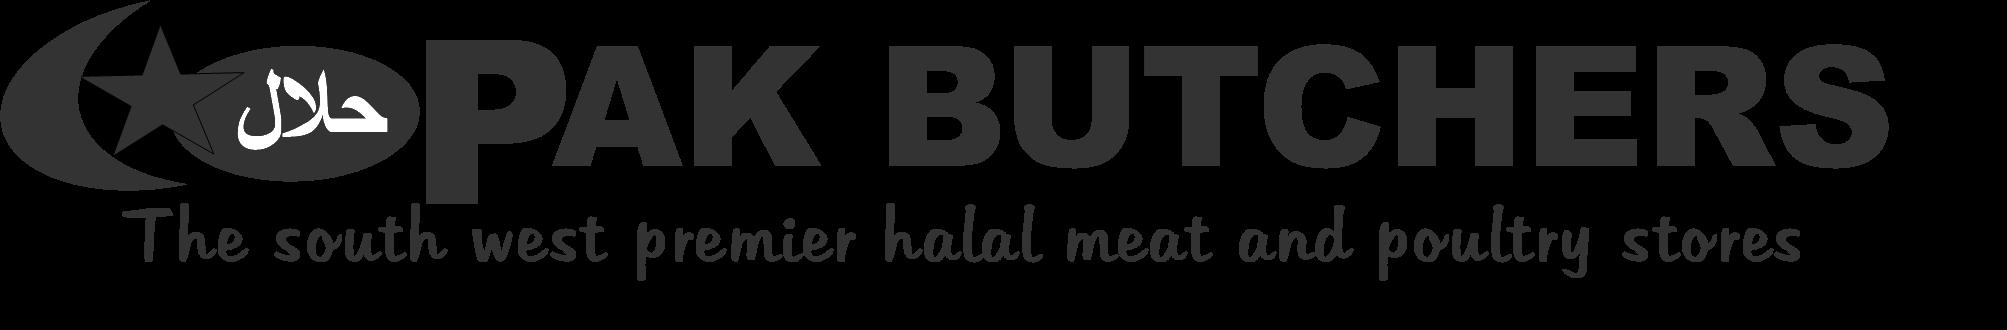 pak-butchers-logo